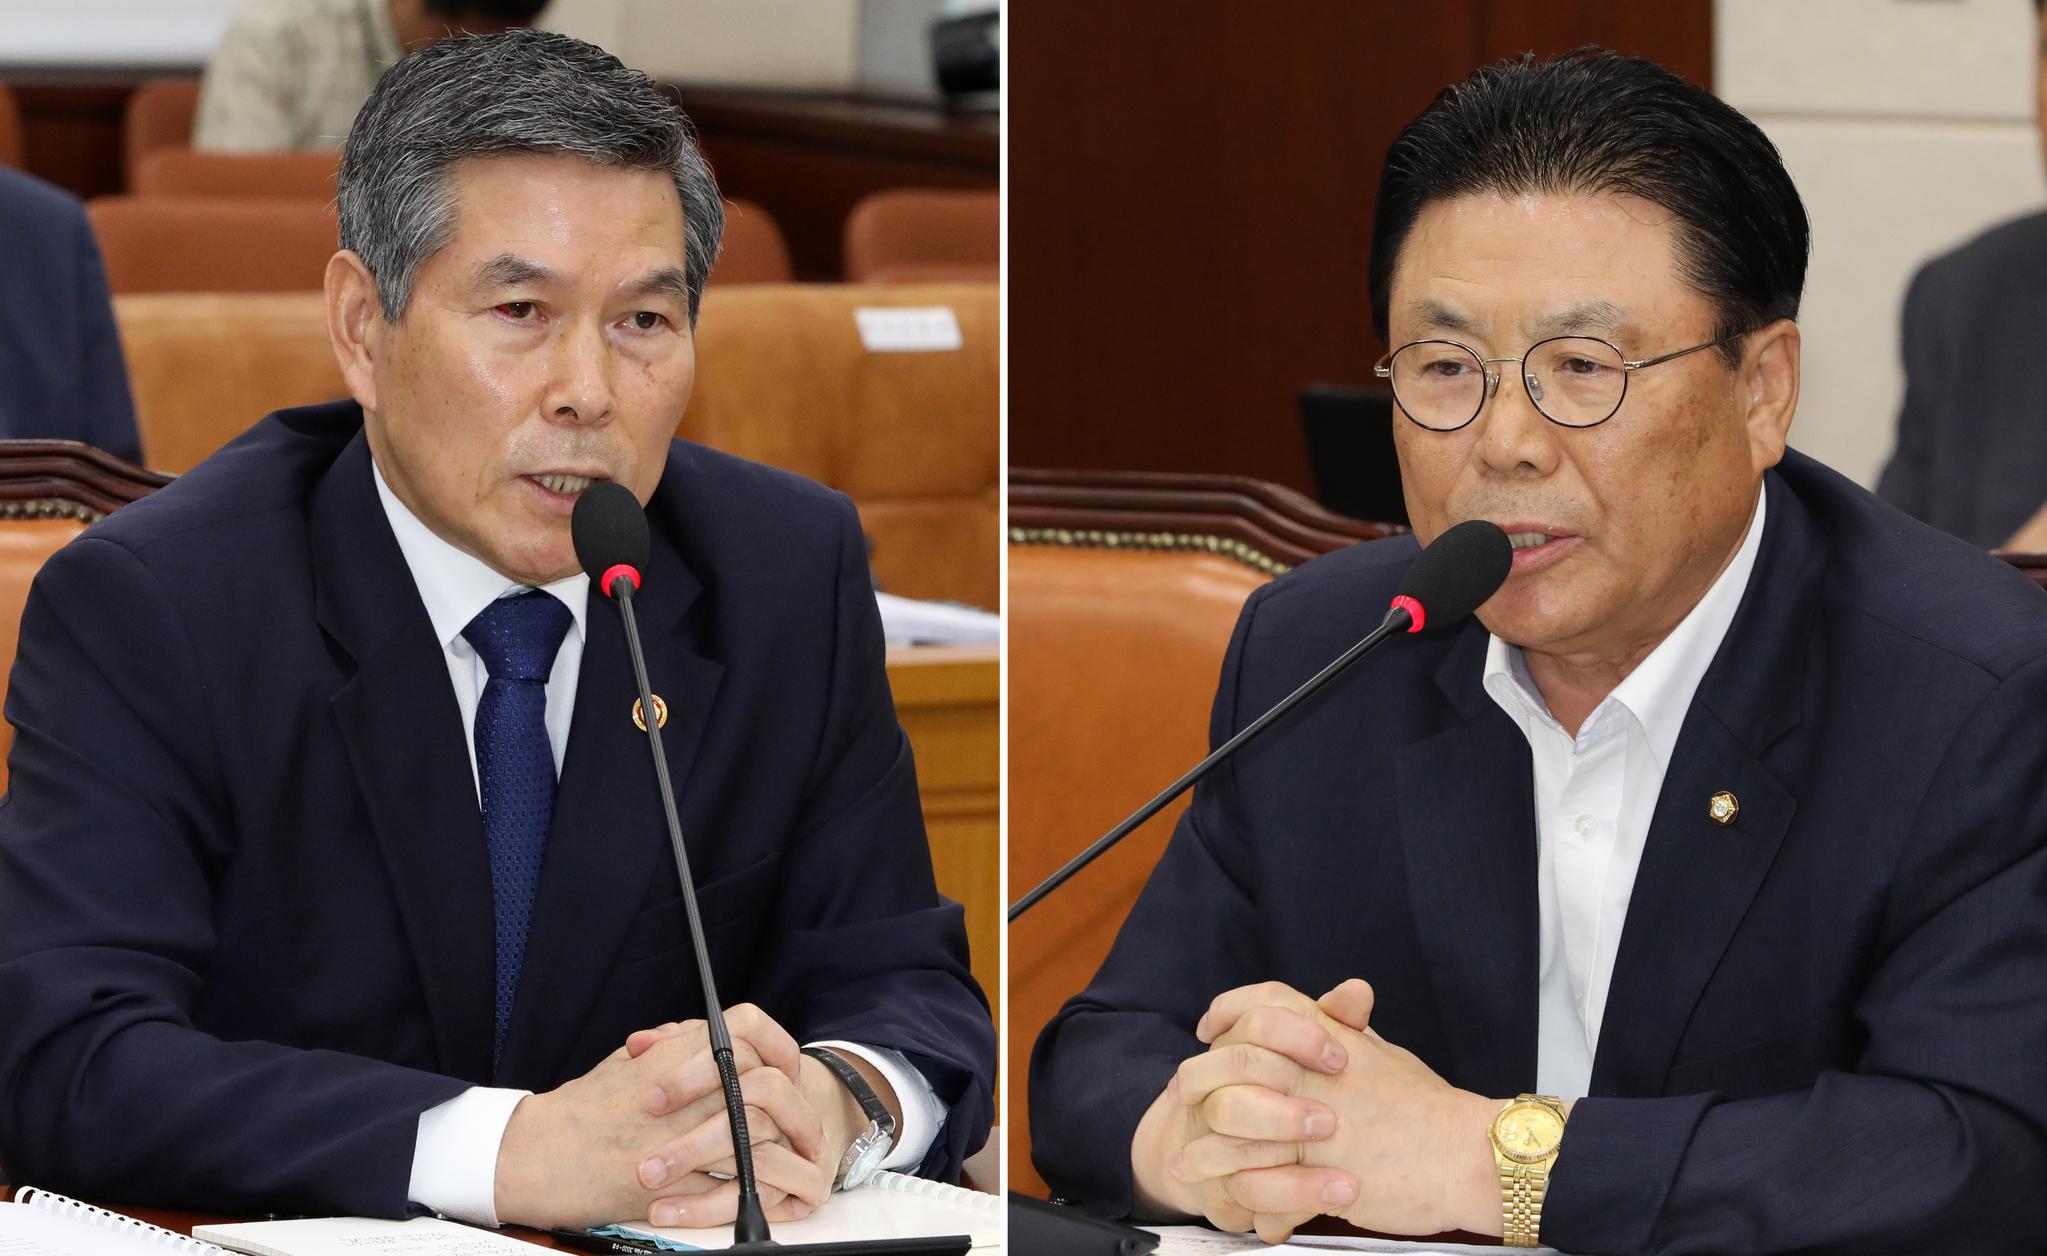 박맹우 자유한국당 의원(오른쪽)이 5일 서울 여의도 국회에서 열린 국방위원회 전체회의에서 정경두 국방부 장관에게 '북한의 대변인 이라는 생각이 들게하는 발언을 하고 있다'고 말했다. 이에 대해 정경두 국방부 장관은 박맹우 의원에게 '북한의 대변인' 발언에 대한 사과와 취소를 요구했다. [뉴스1]